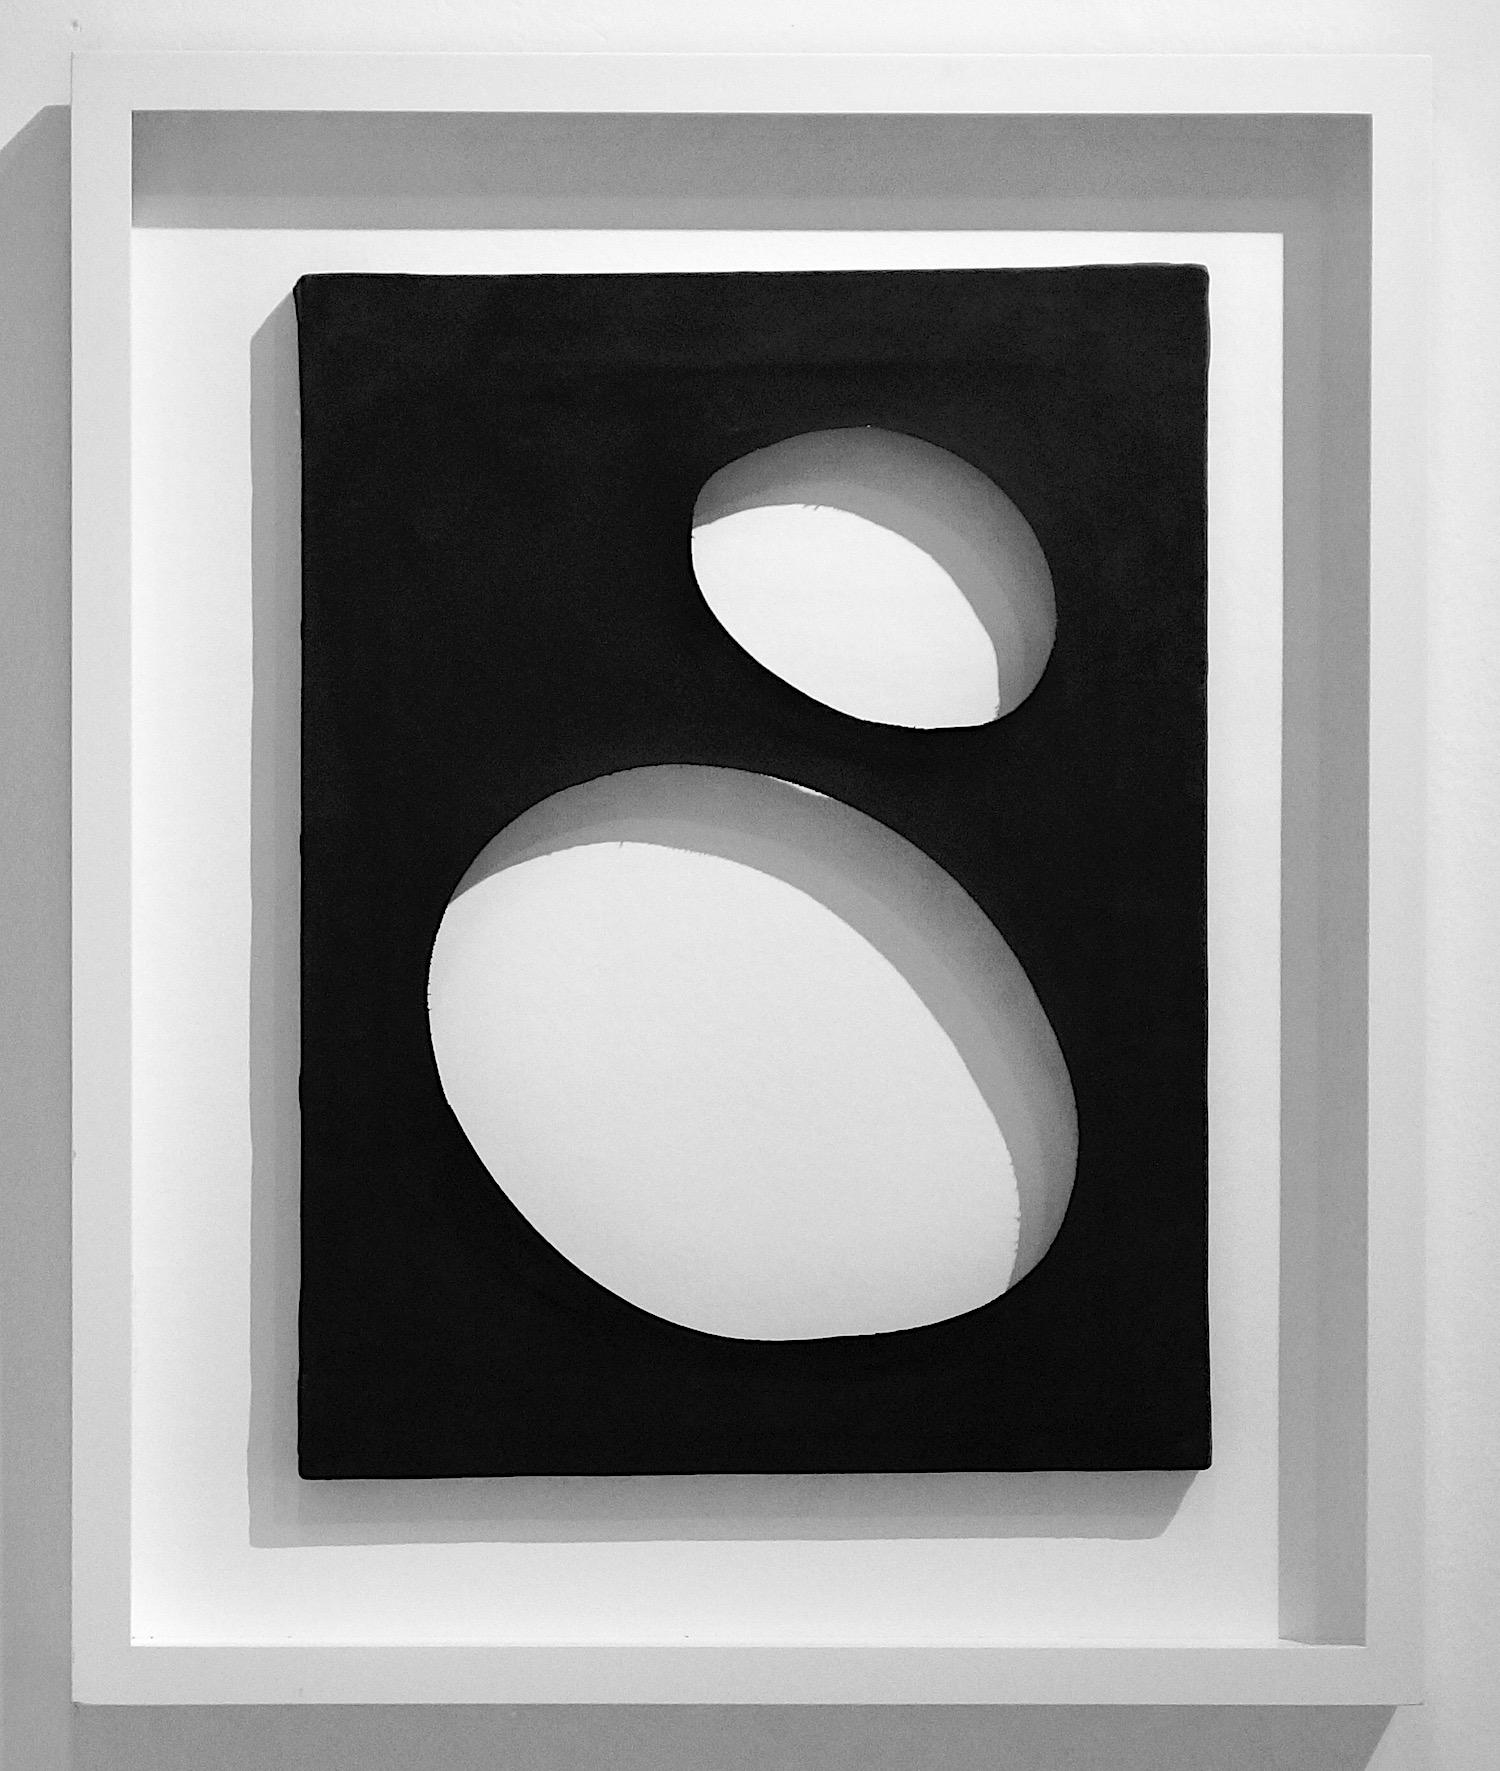 Dadamaino Volume, 1958 tempera on canvas 40 x 30 cm | 15 3/4 x 11 3/4 in framed: 55 x 45 cm | 21 2/3 x 17 3/4 in DAD/M 10